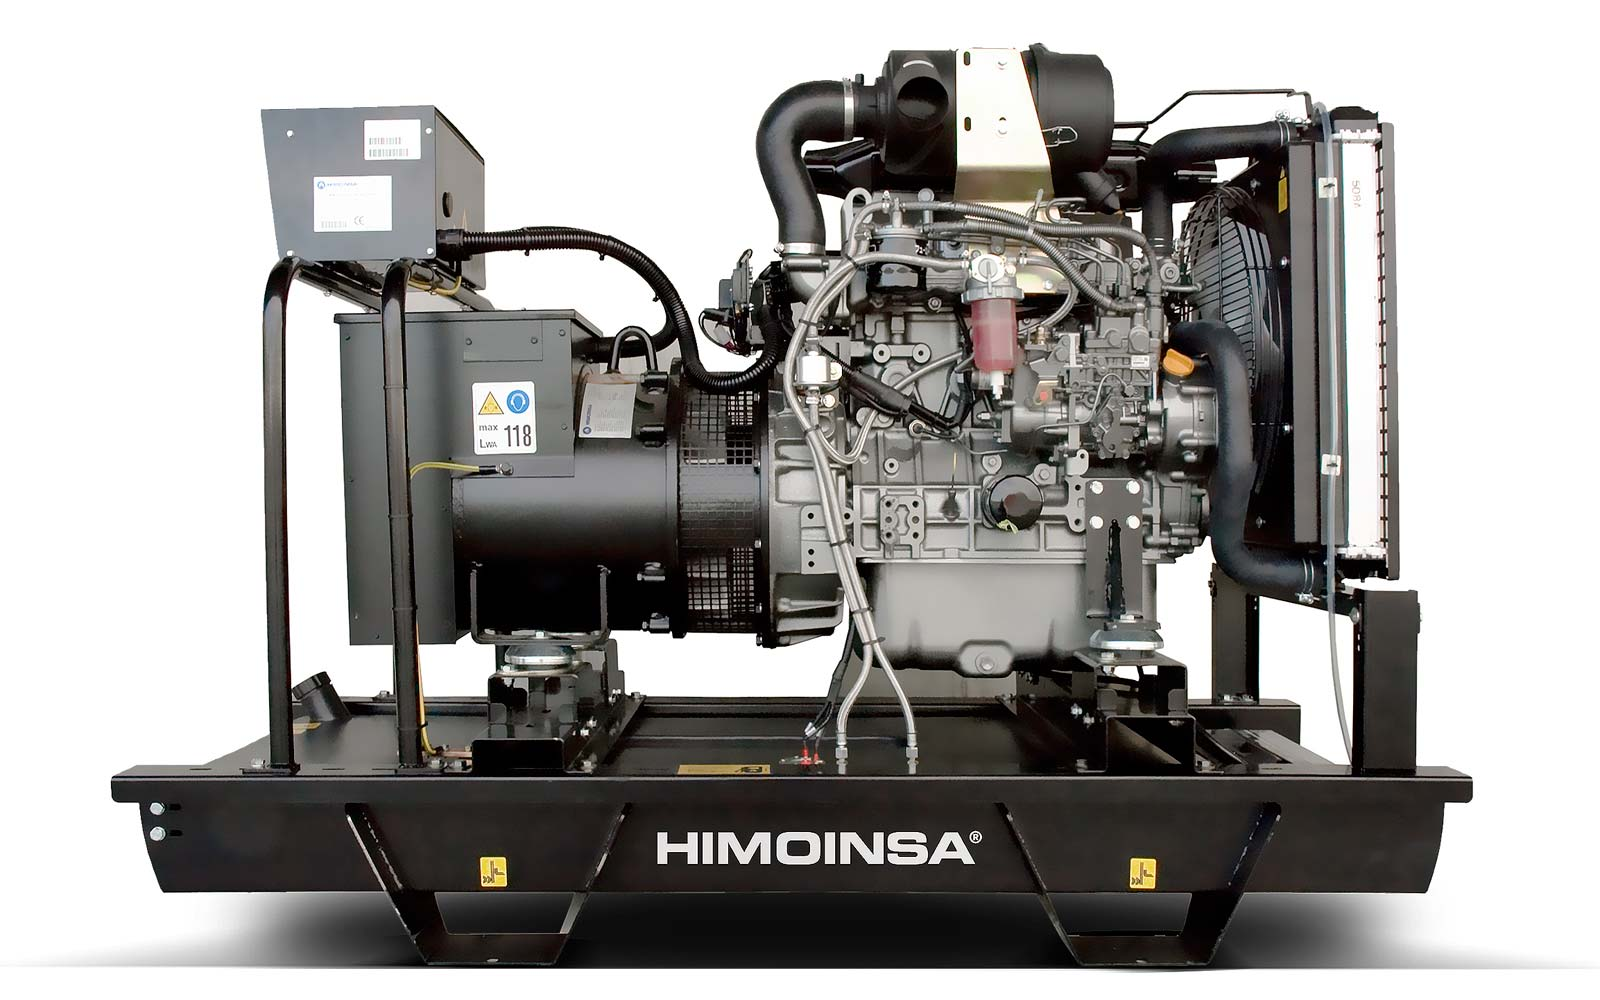 дизельная электростанция himoinsa hyw-8 t5